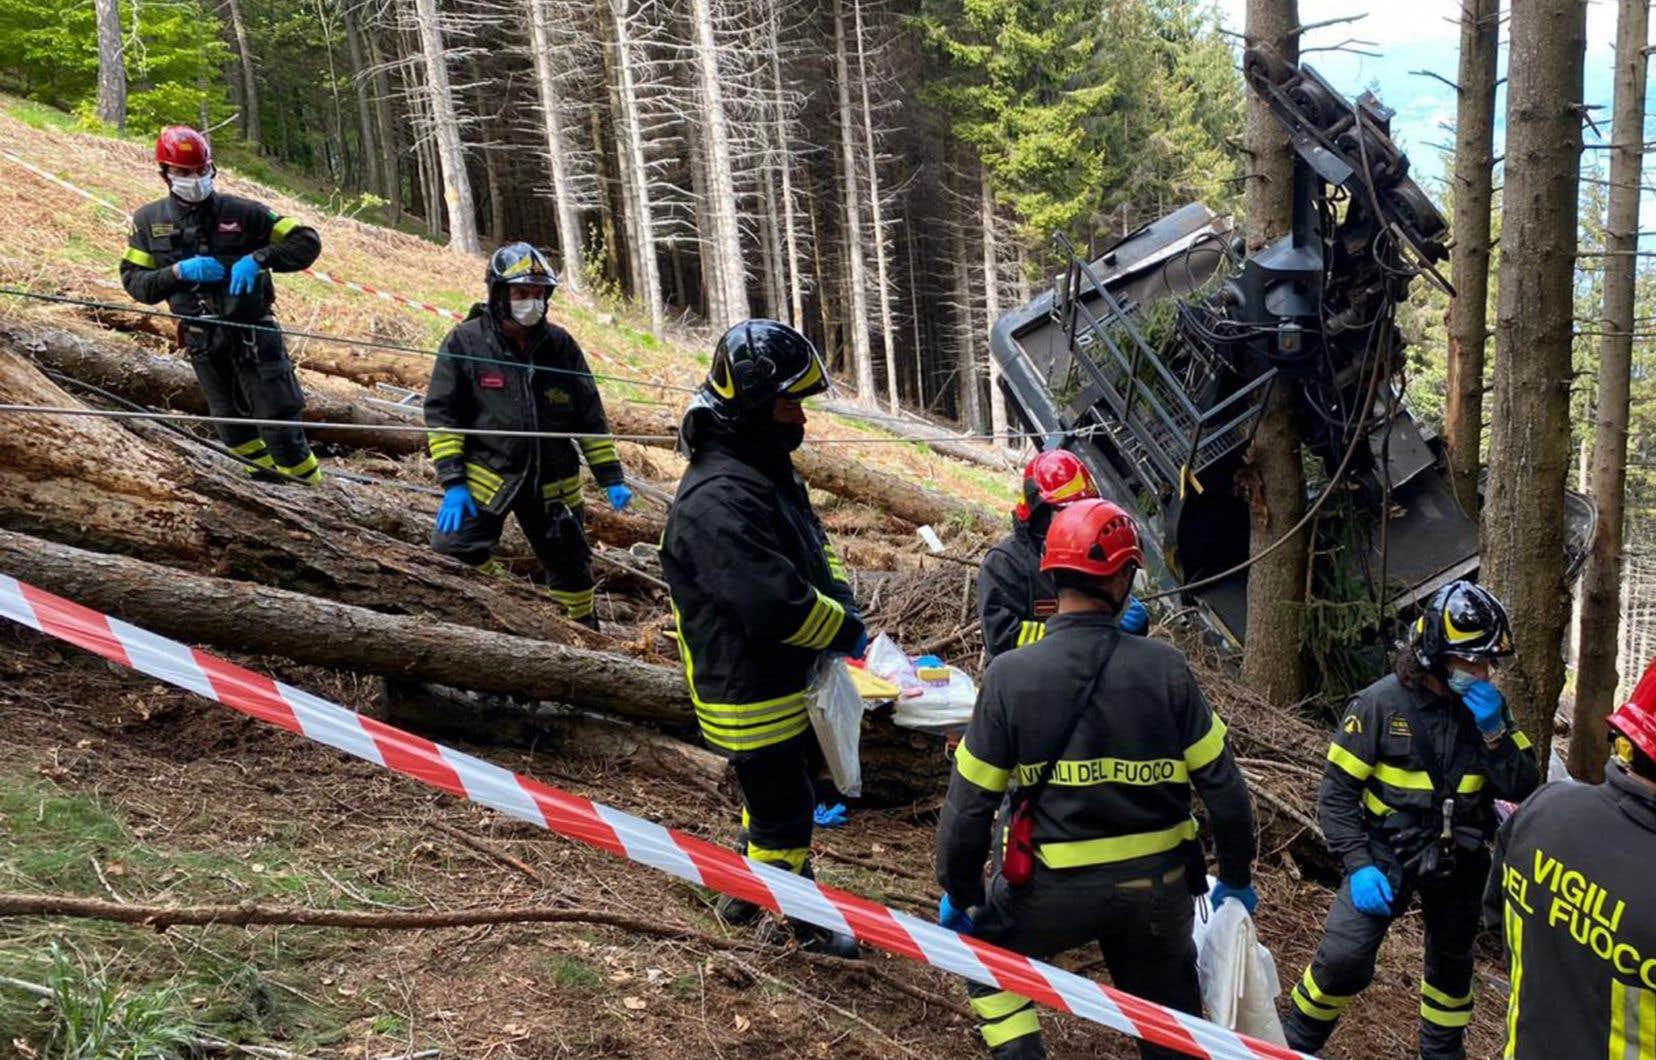 La cabine est tombée dans une zone boisée dont la forte inclinaison rend l'accès difficile.